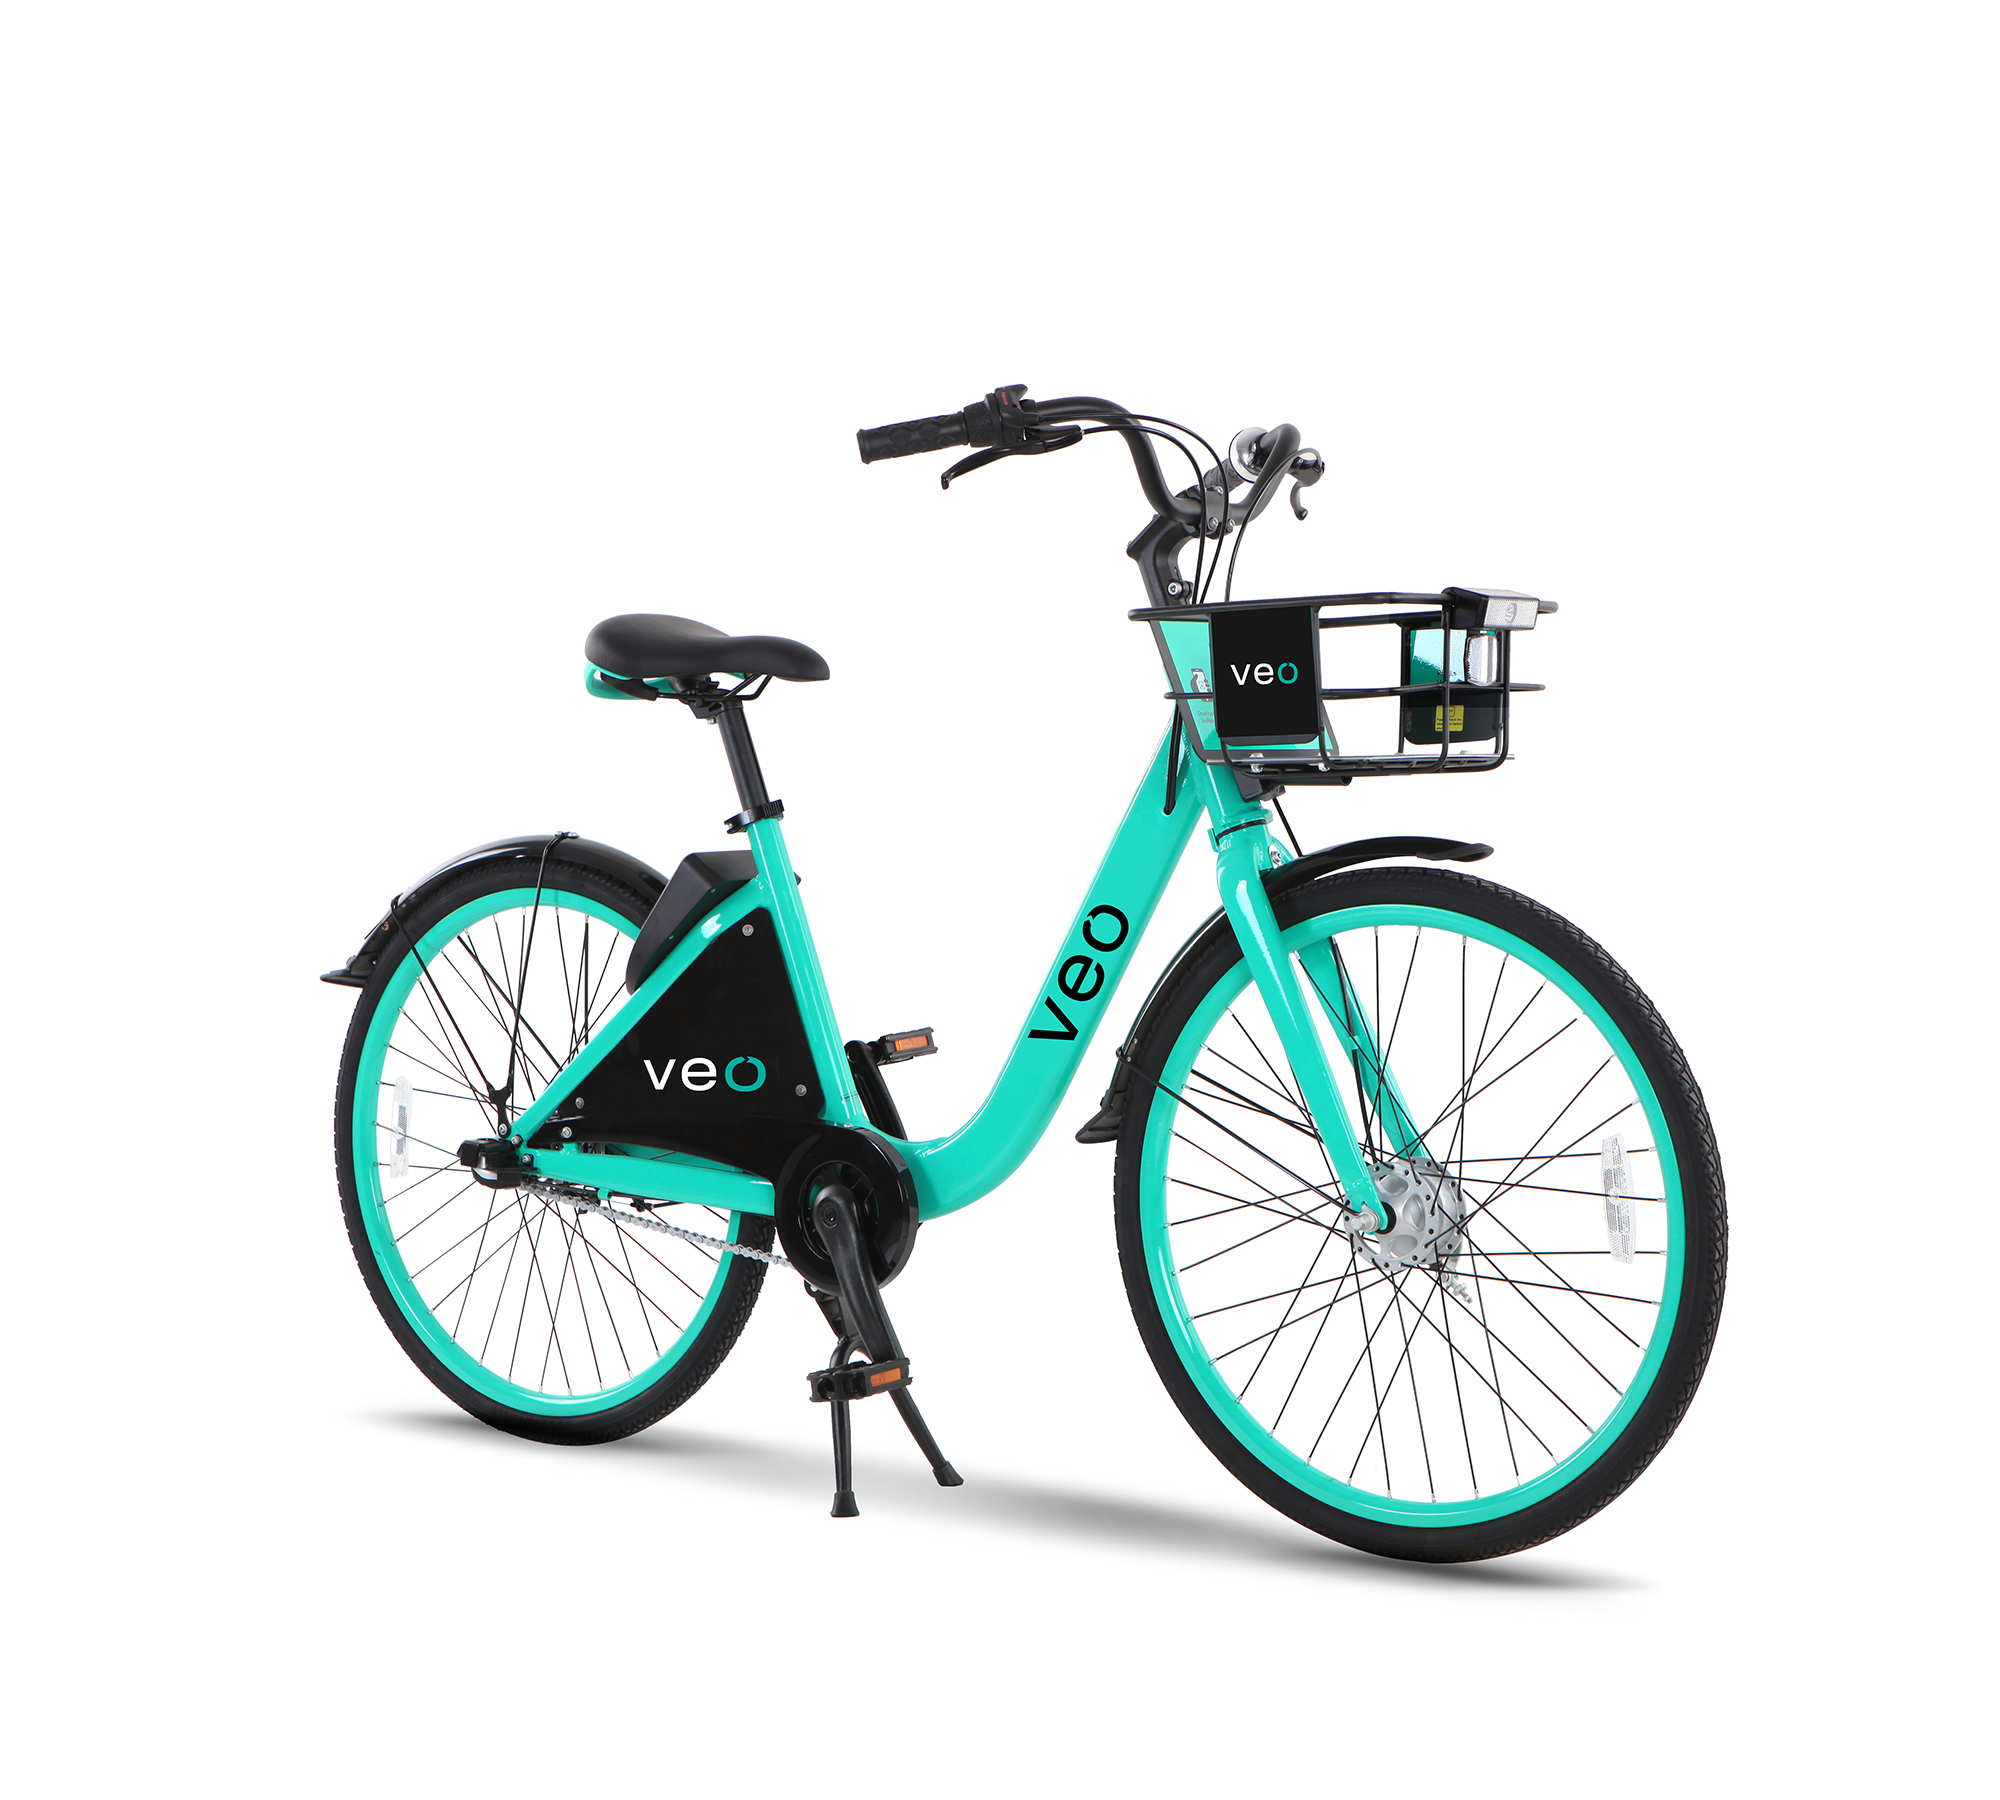 Bicicleta de pedaleo. - Pequeño